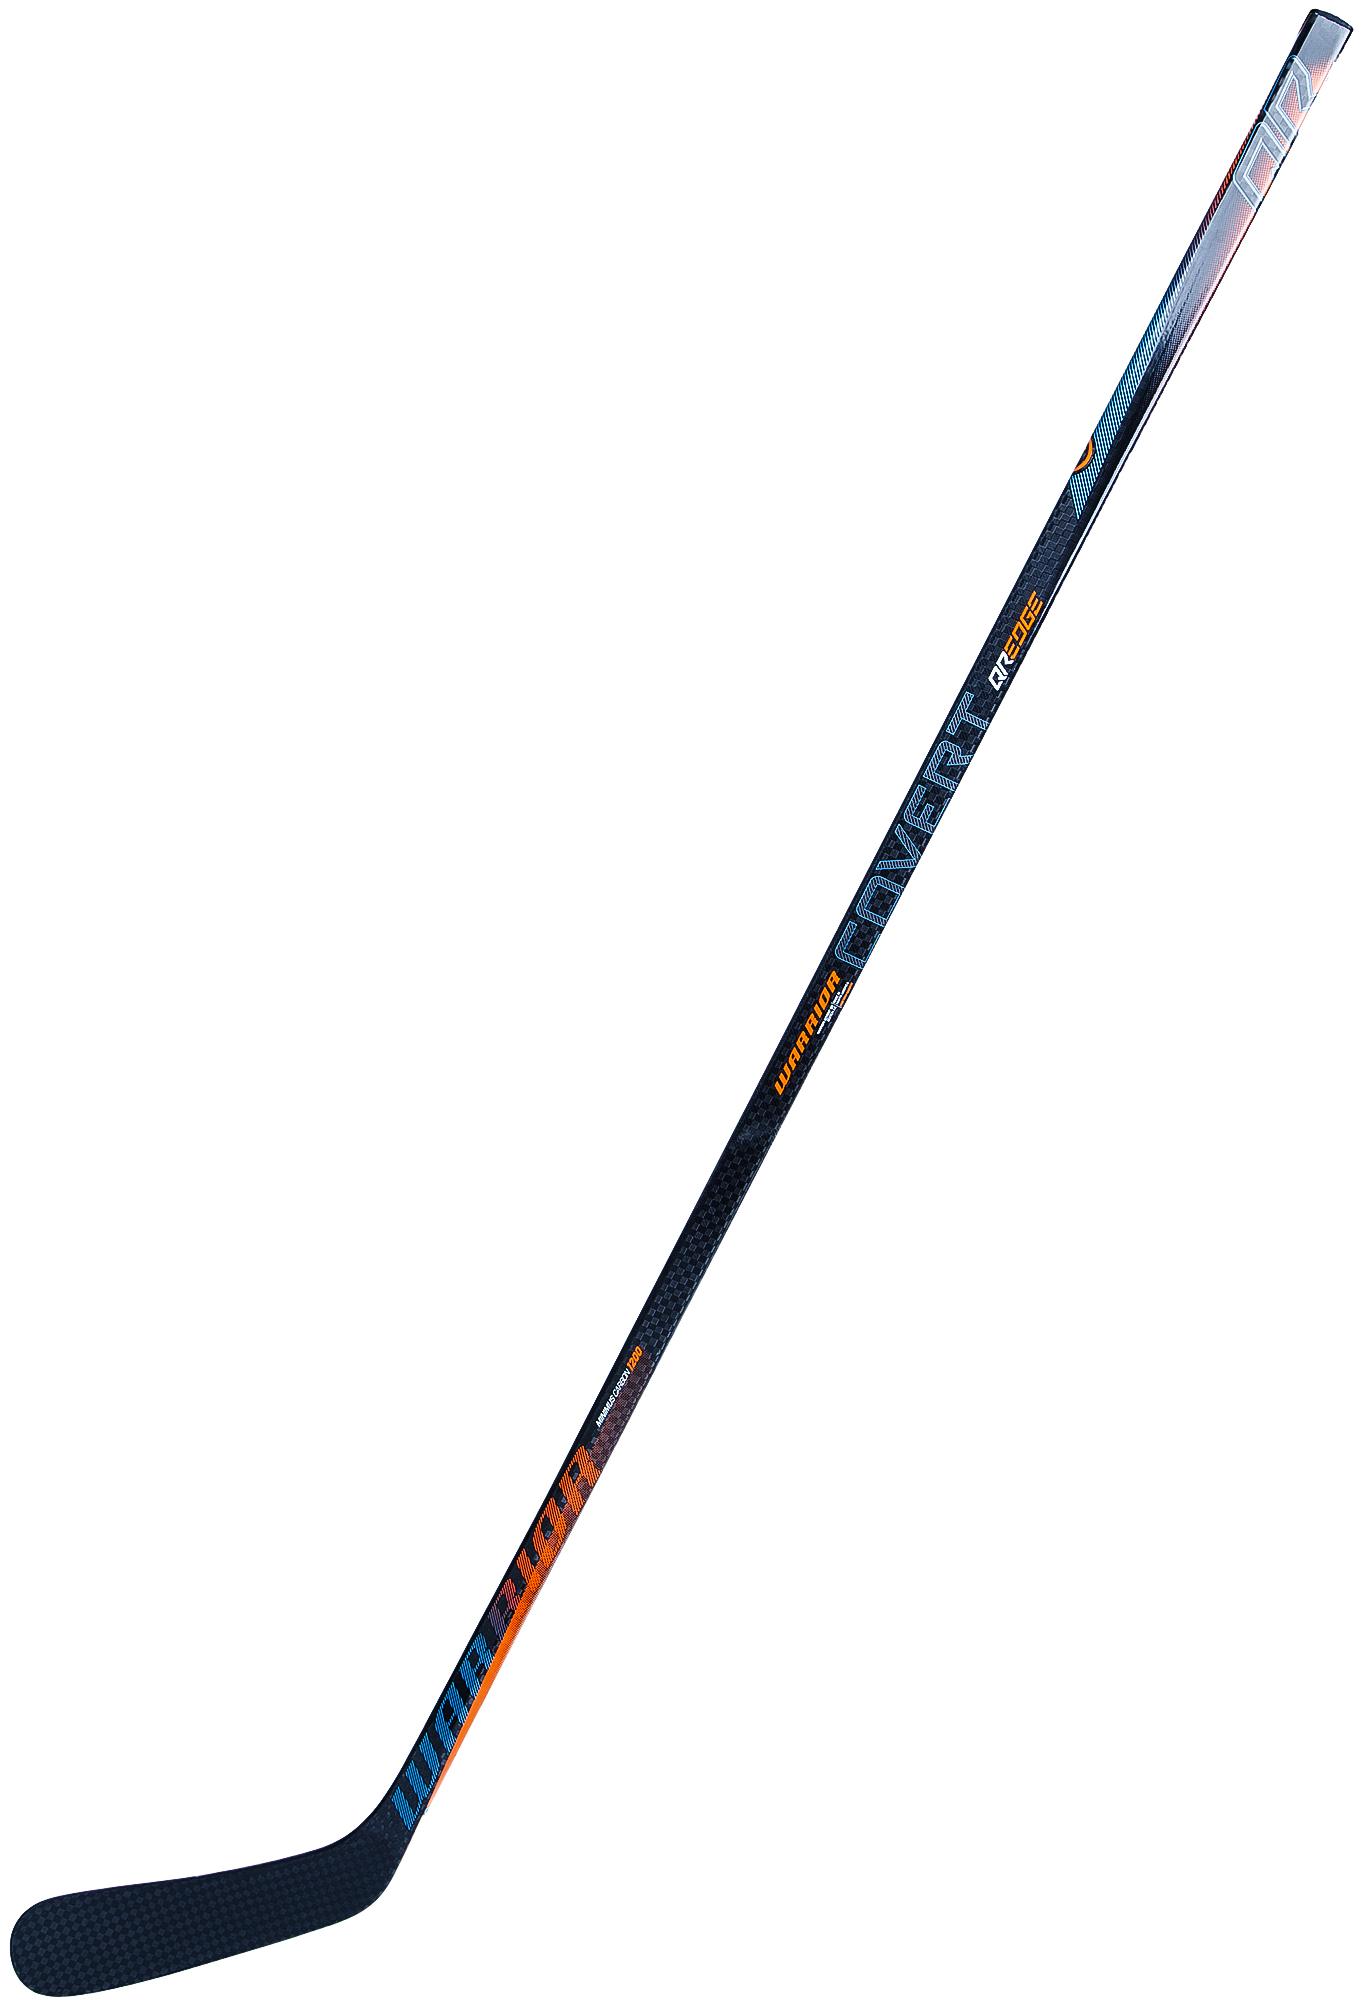 Warrior Клюшка хоккейная WARRIOR Covert QRE SR